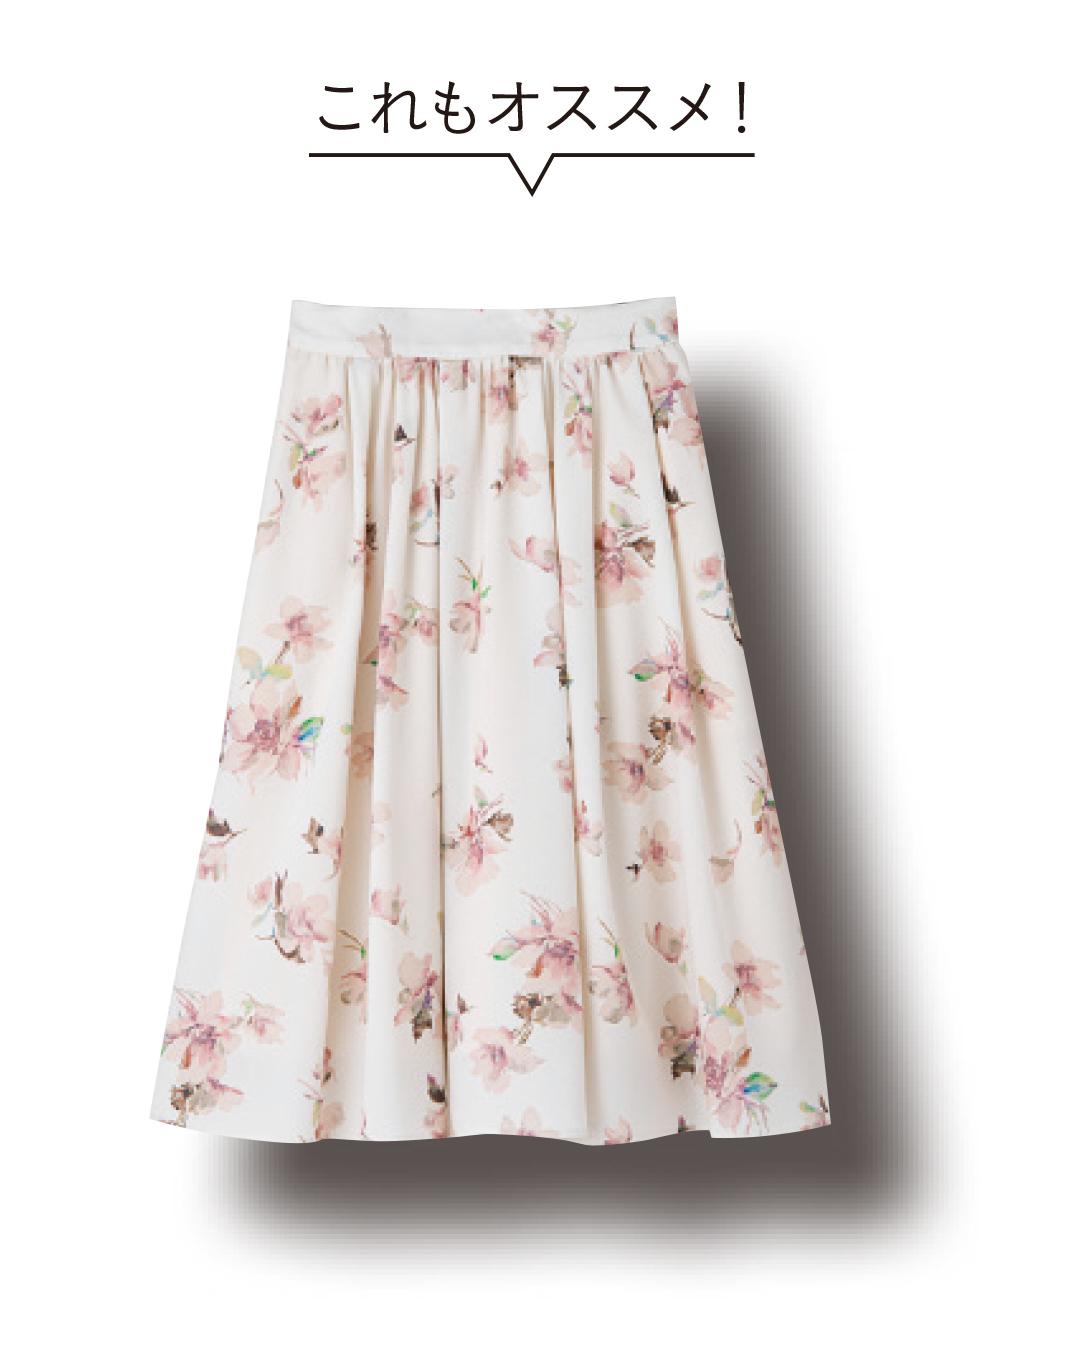 きれいめ派の花柄スカートオフィスコーデ着回し☆3月の即買いおすすめカタログつき!_1_3-4